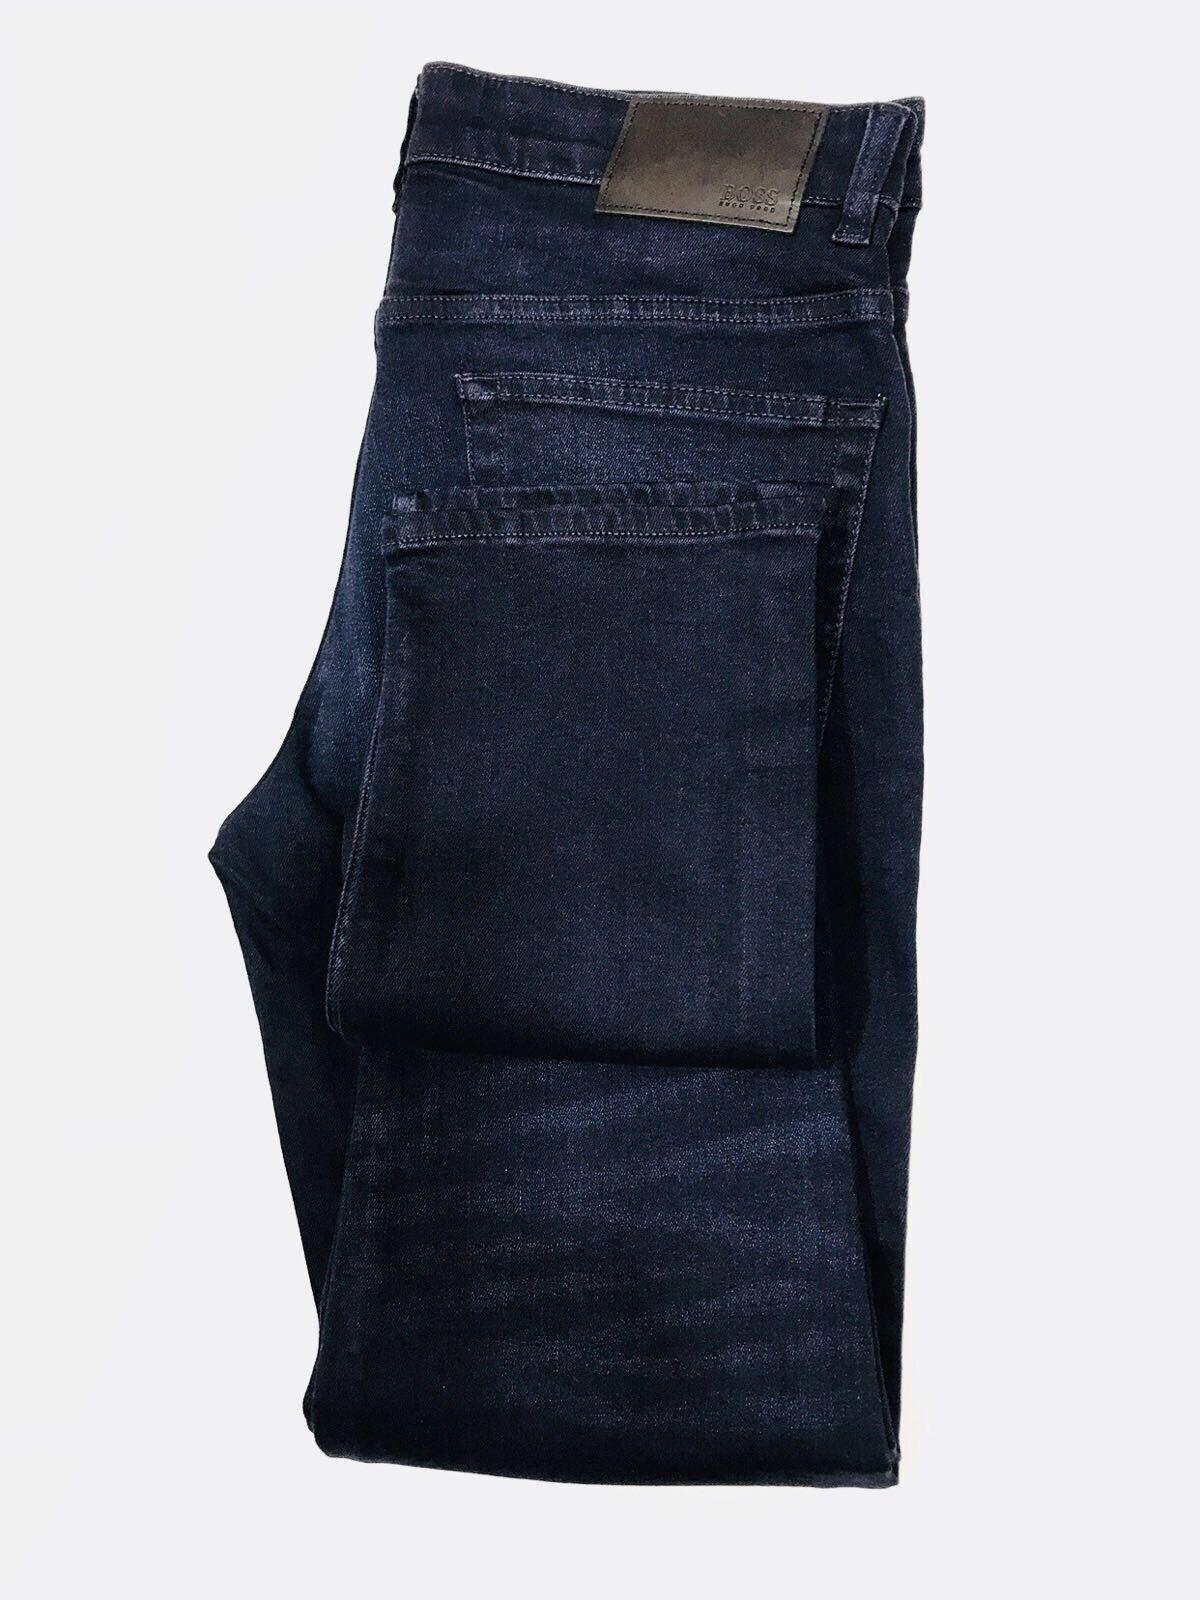 Hugo Boss Men's Slim Fit Jeans                     RRP